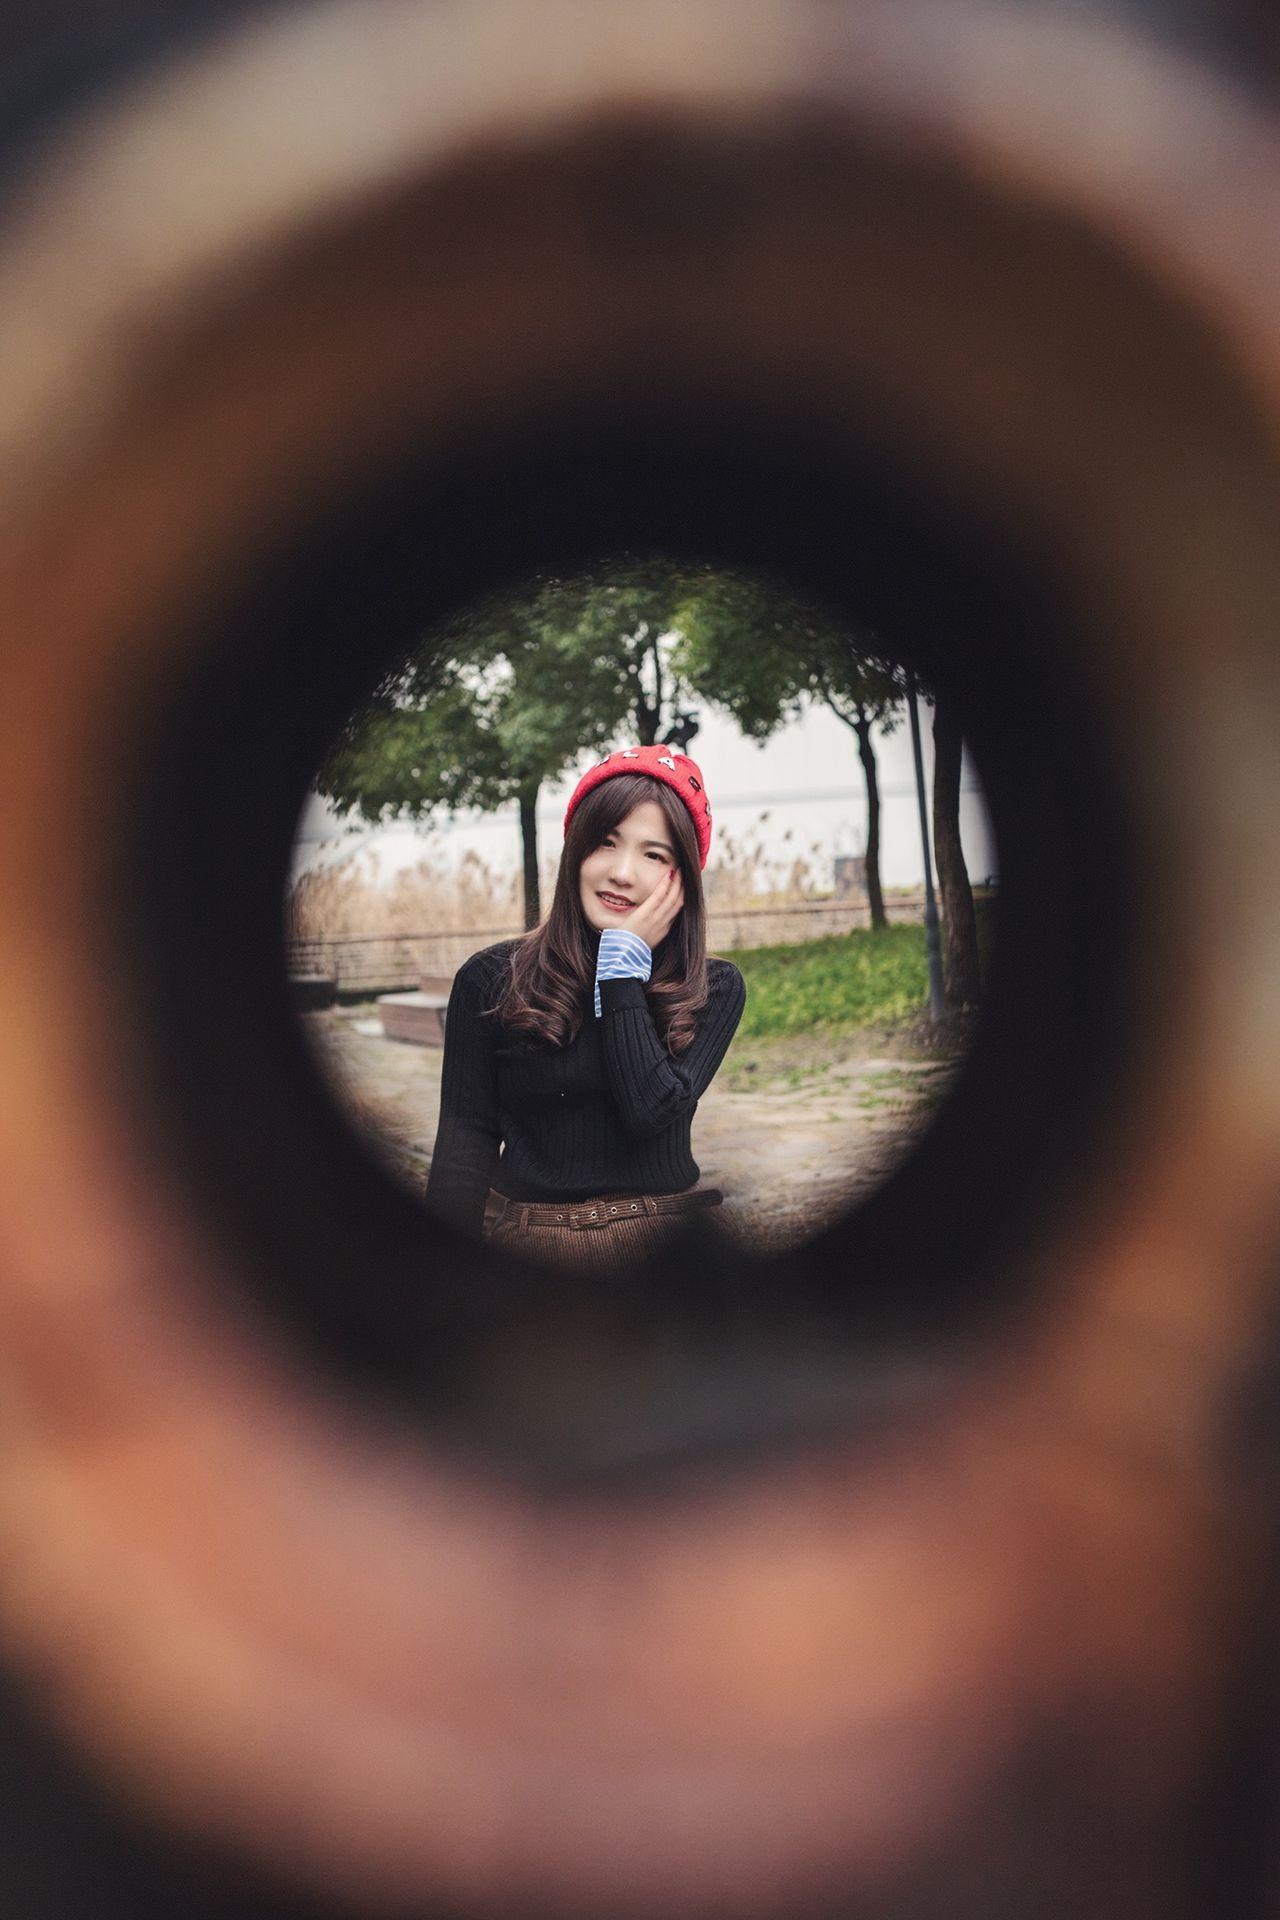 2019-01-12 龙美术馆_摄影师郭小皓的返片